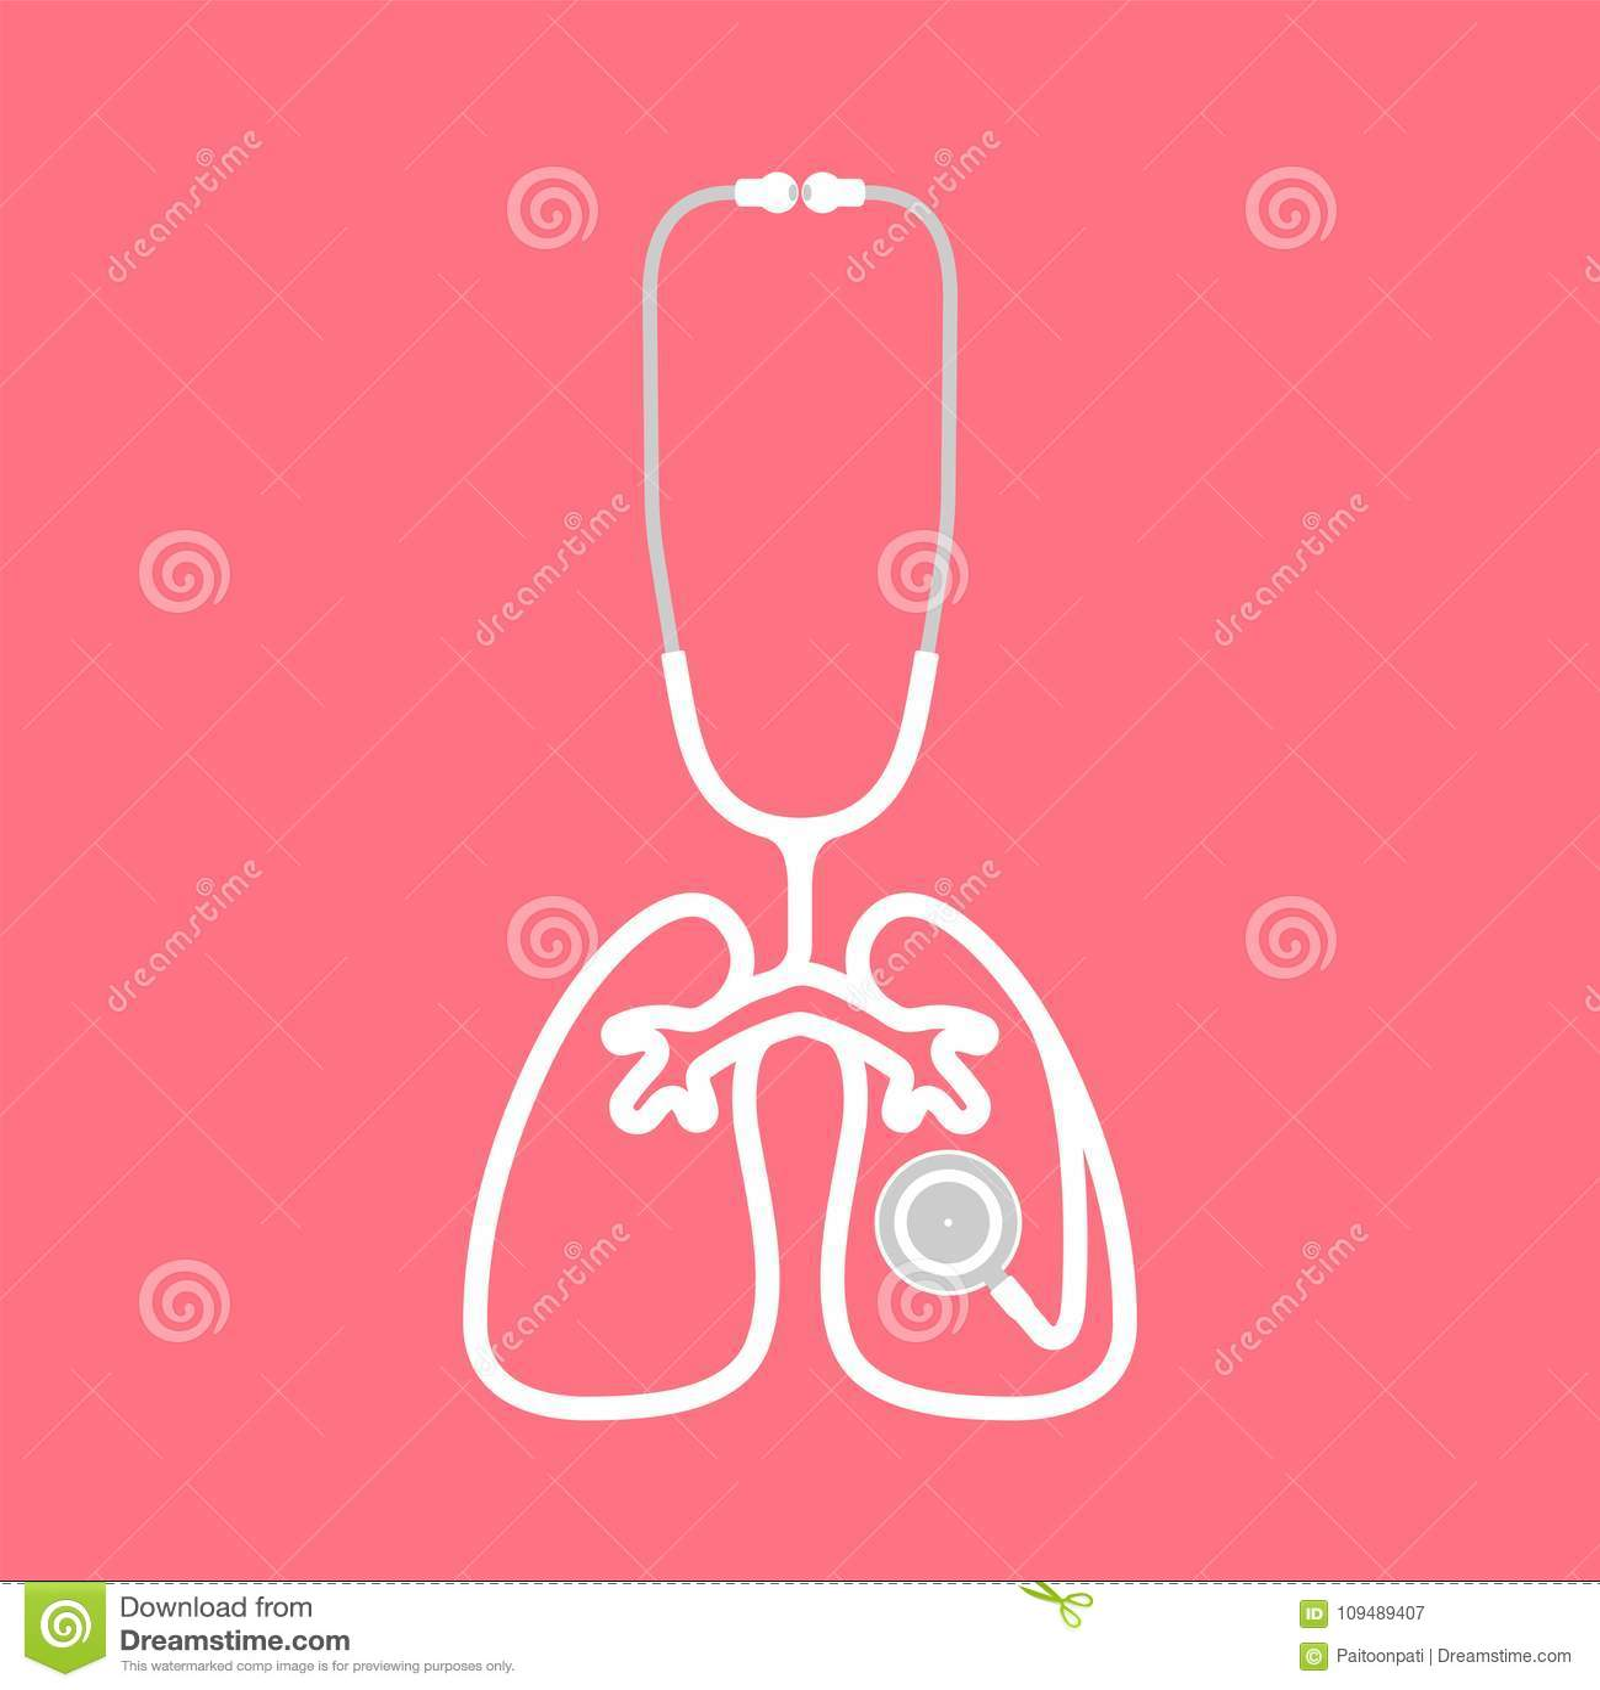 wei e farbe und lunge des stethoskops unterzeichnen die symbolform die vom fahrerhaus gemacht. Black Bedroom Furniture Sets. Home Design Ideas